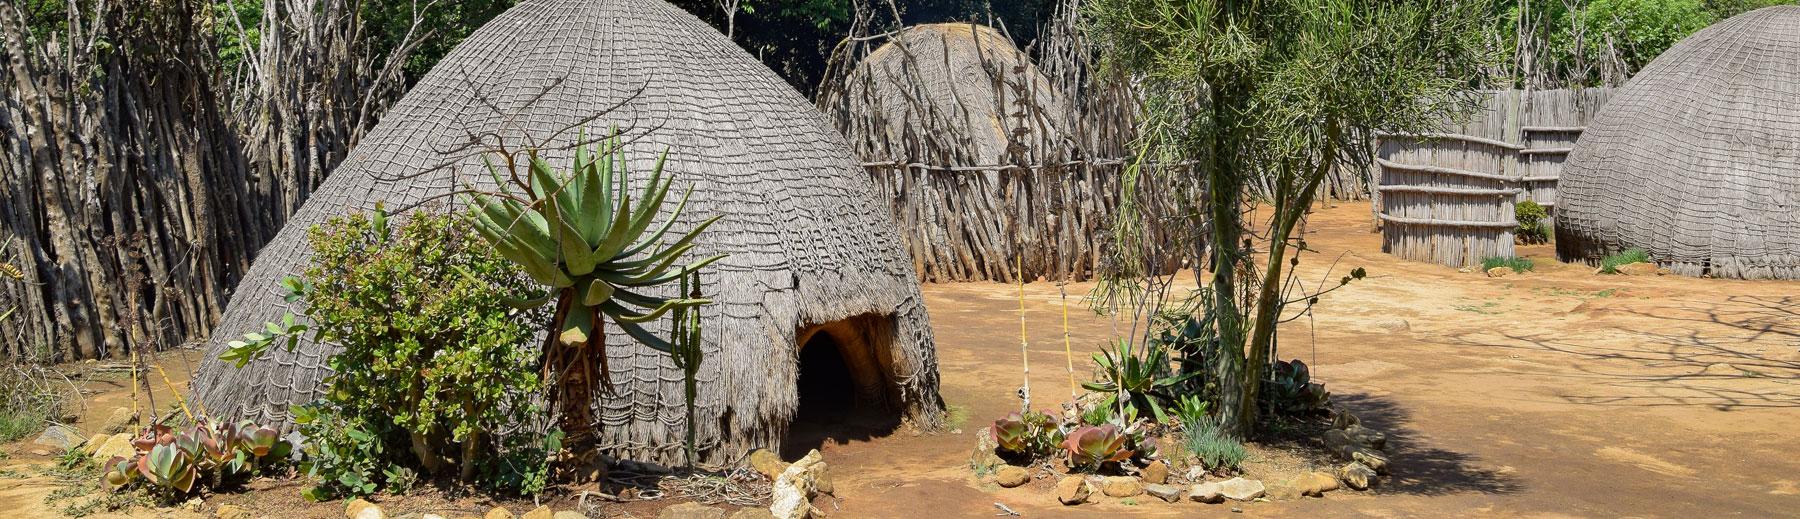 Swaziland Tours & Safaris